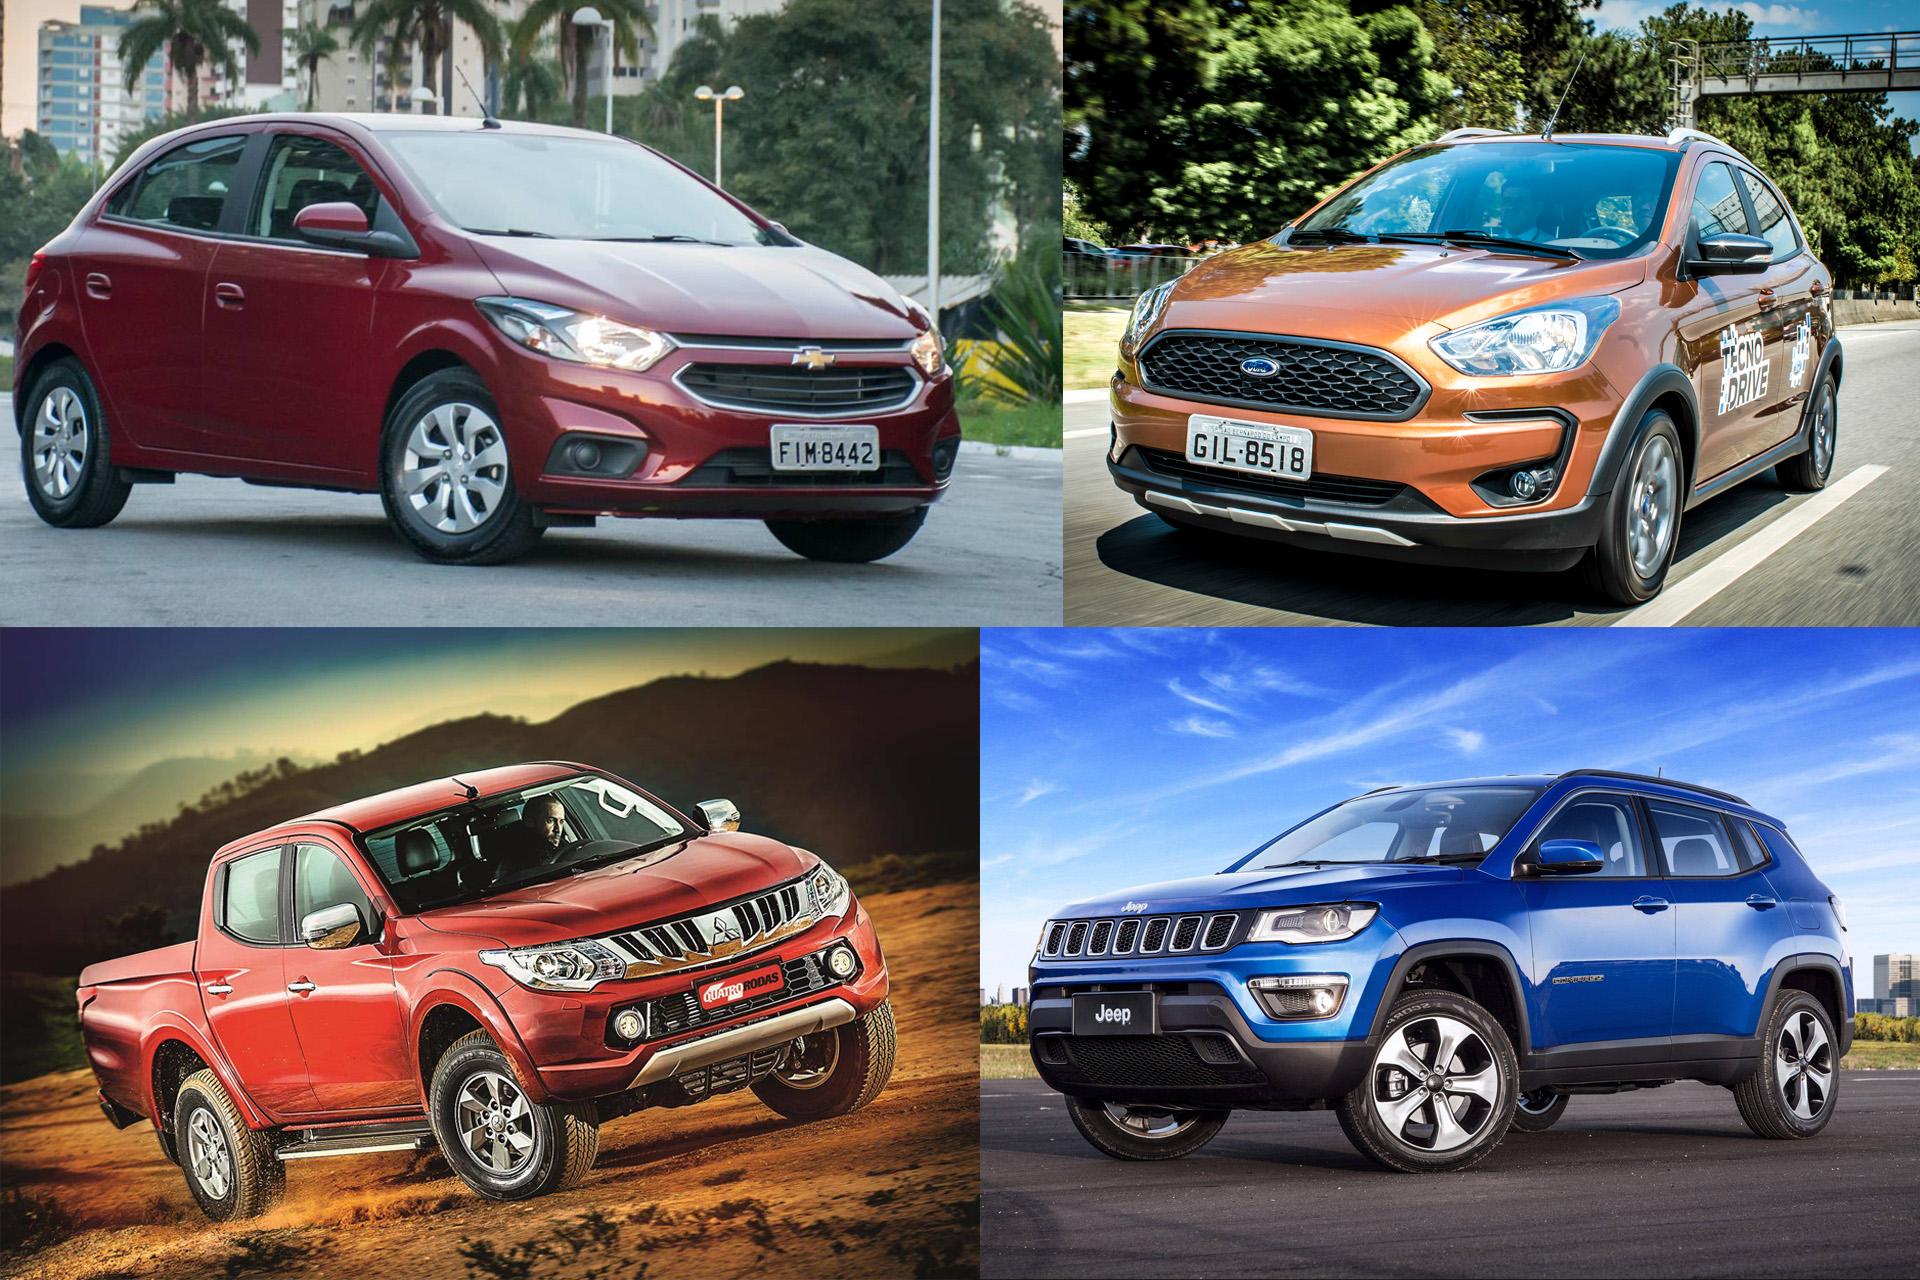 Esses carros são disparados os mais vendidos de suas marcas